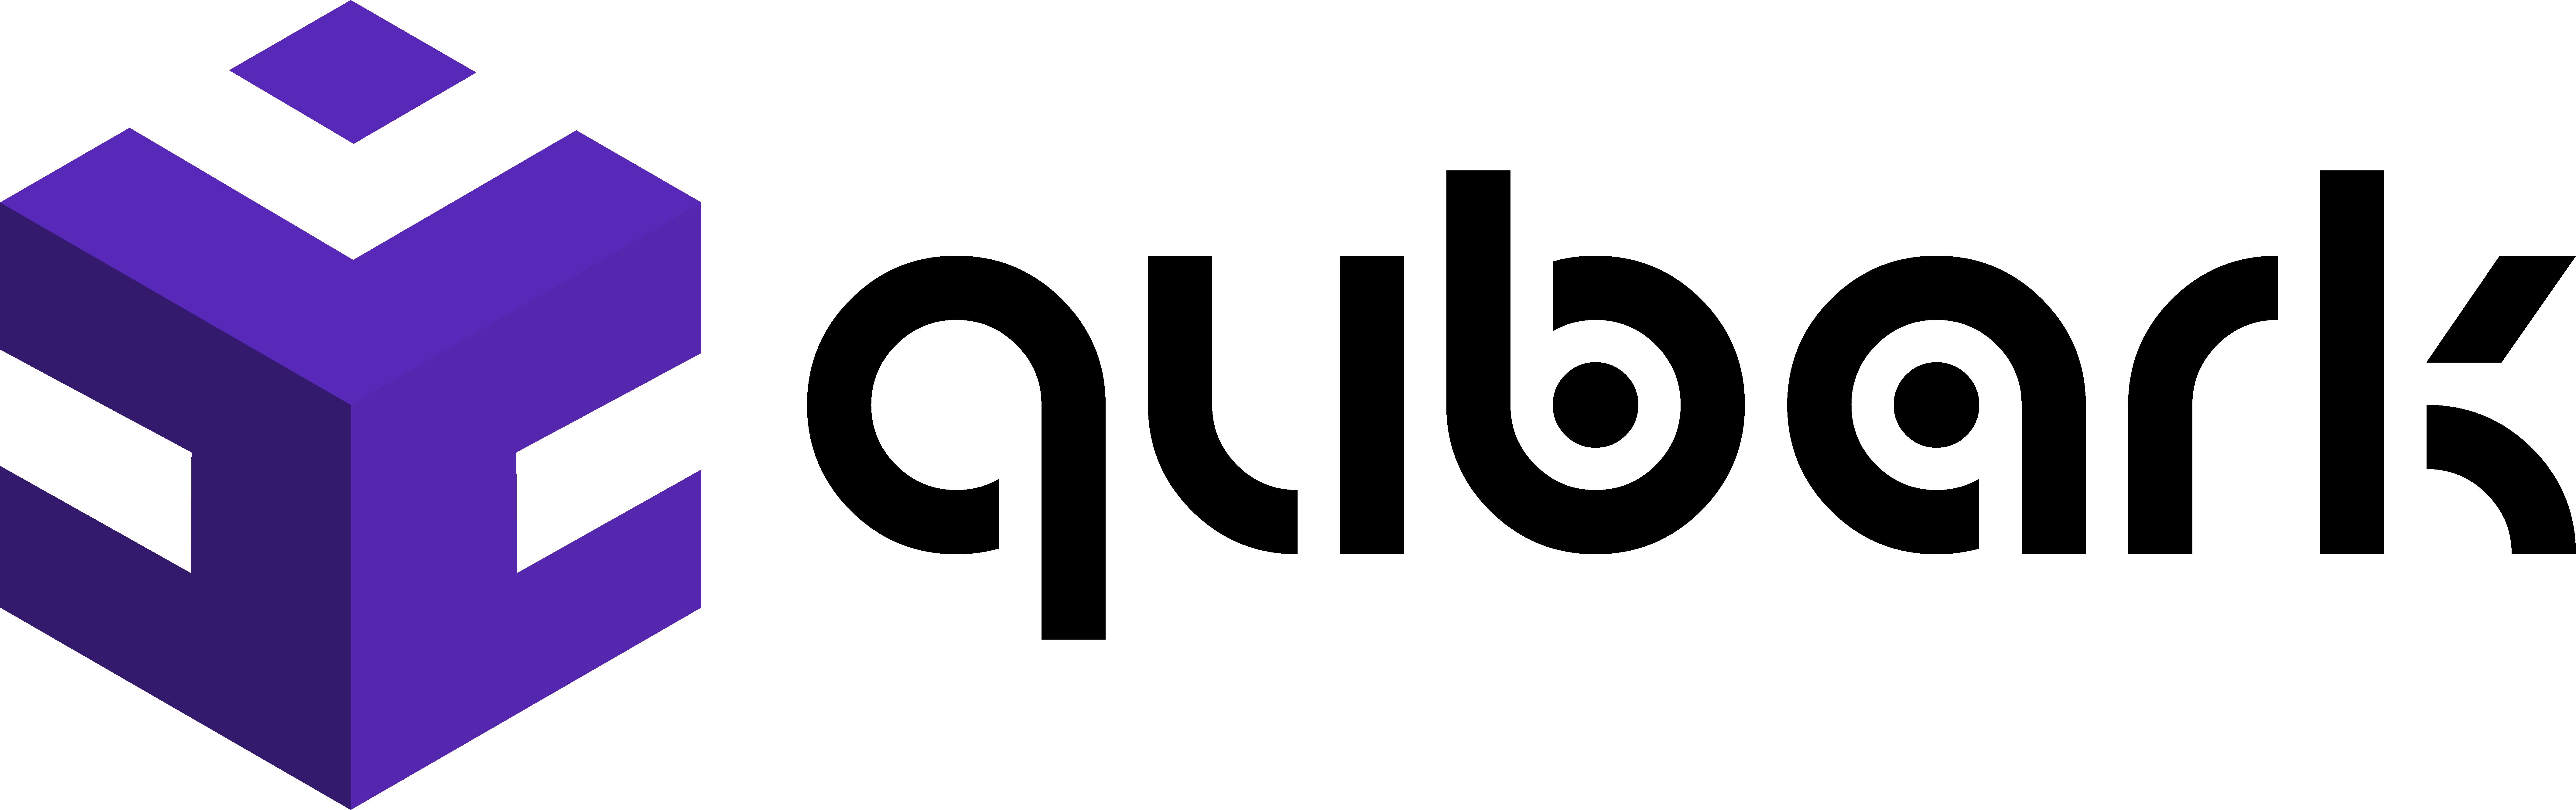 QUBARK